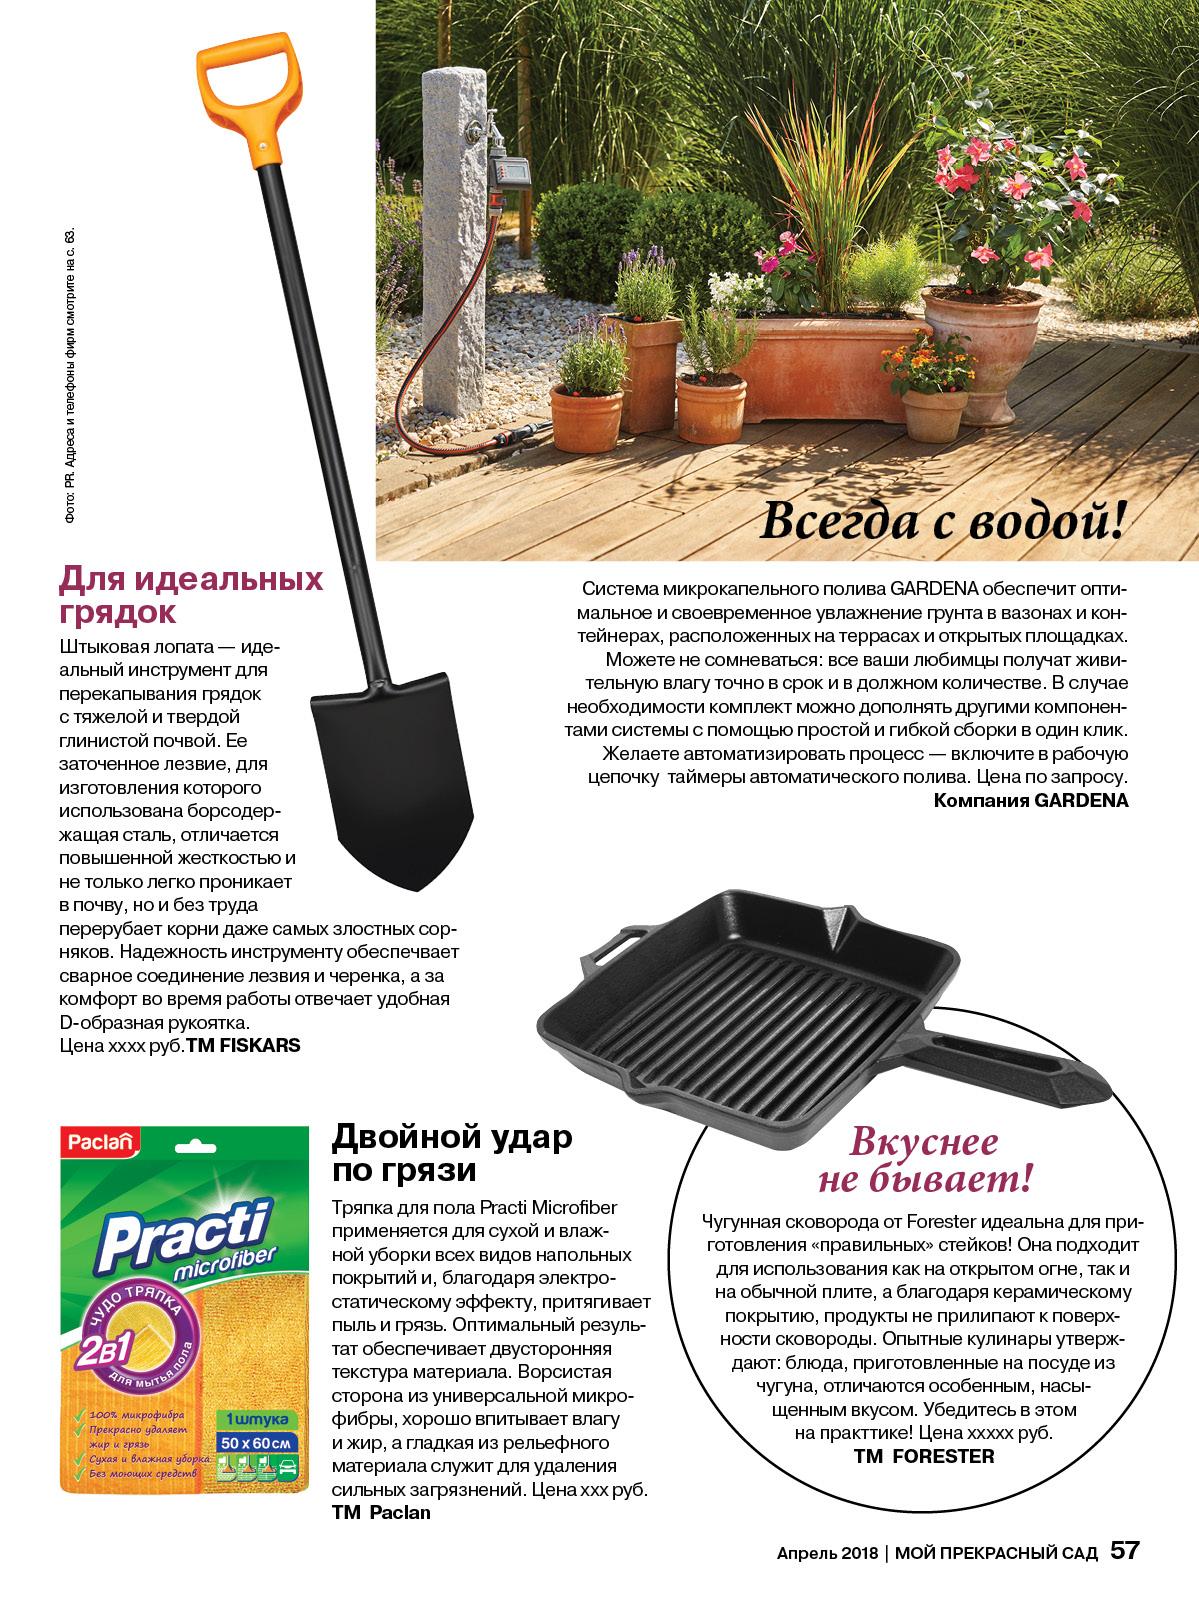 Forester на страницах журналов 1